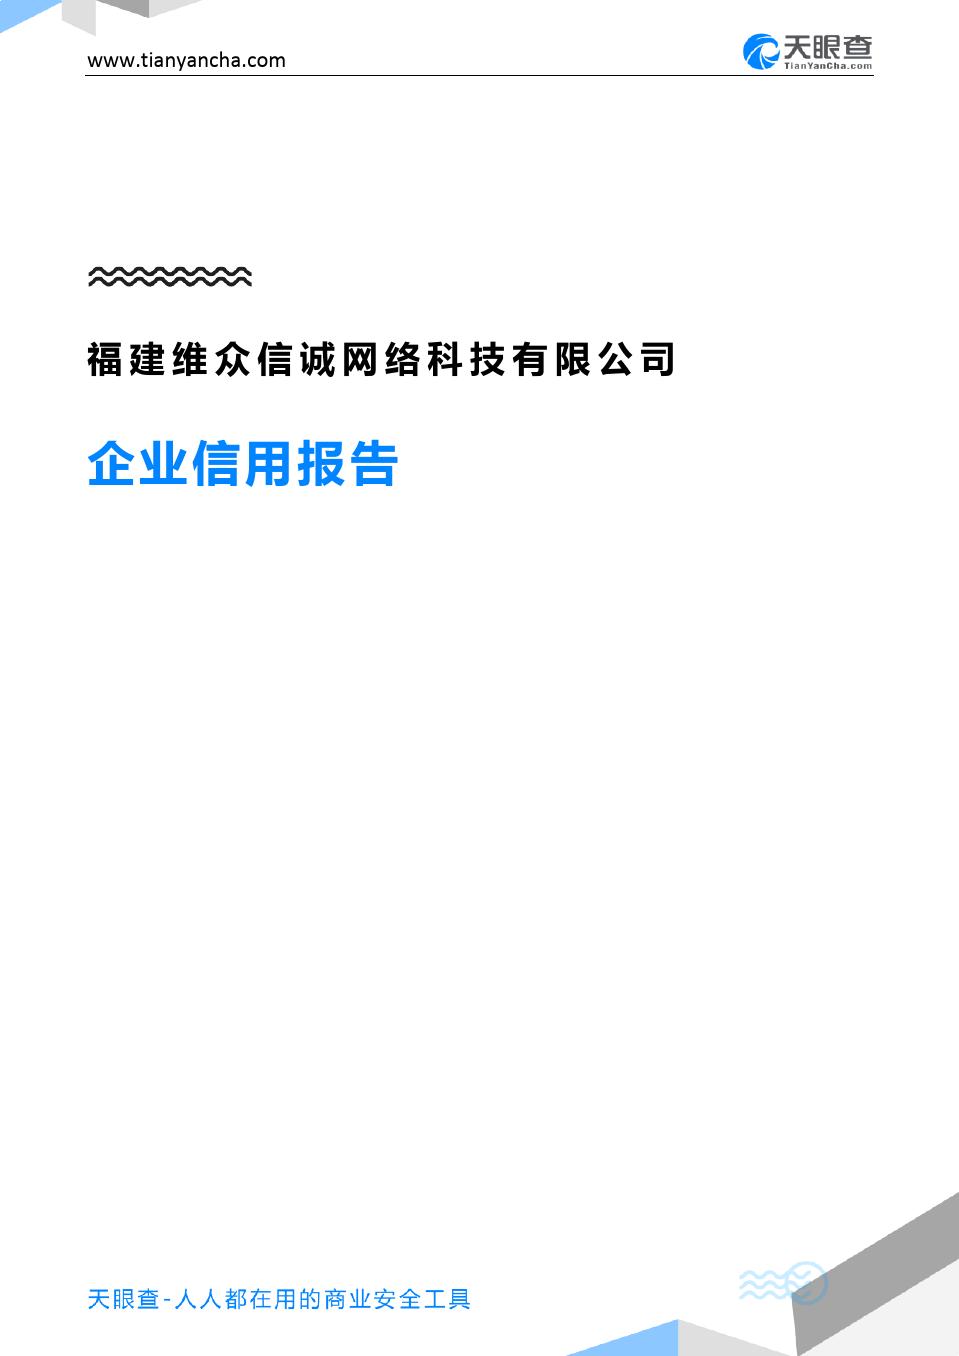 福建维众信诚网络科技有限公司(企业信用报告)- 天眼查